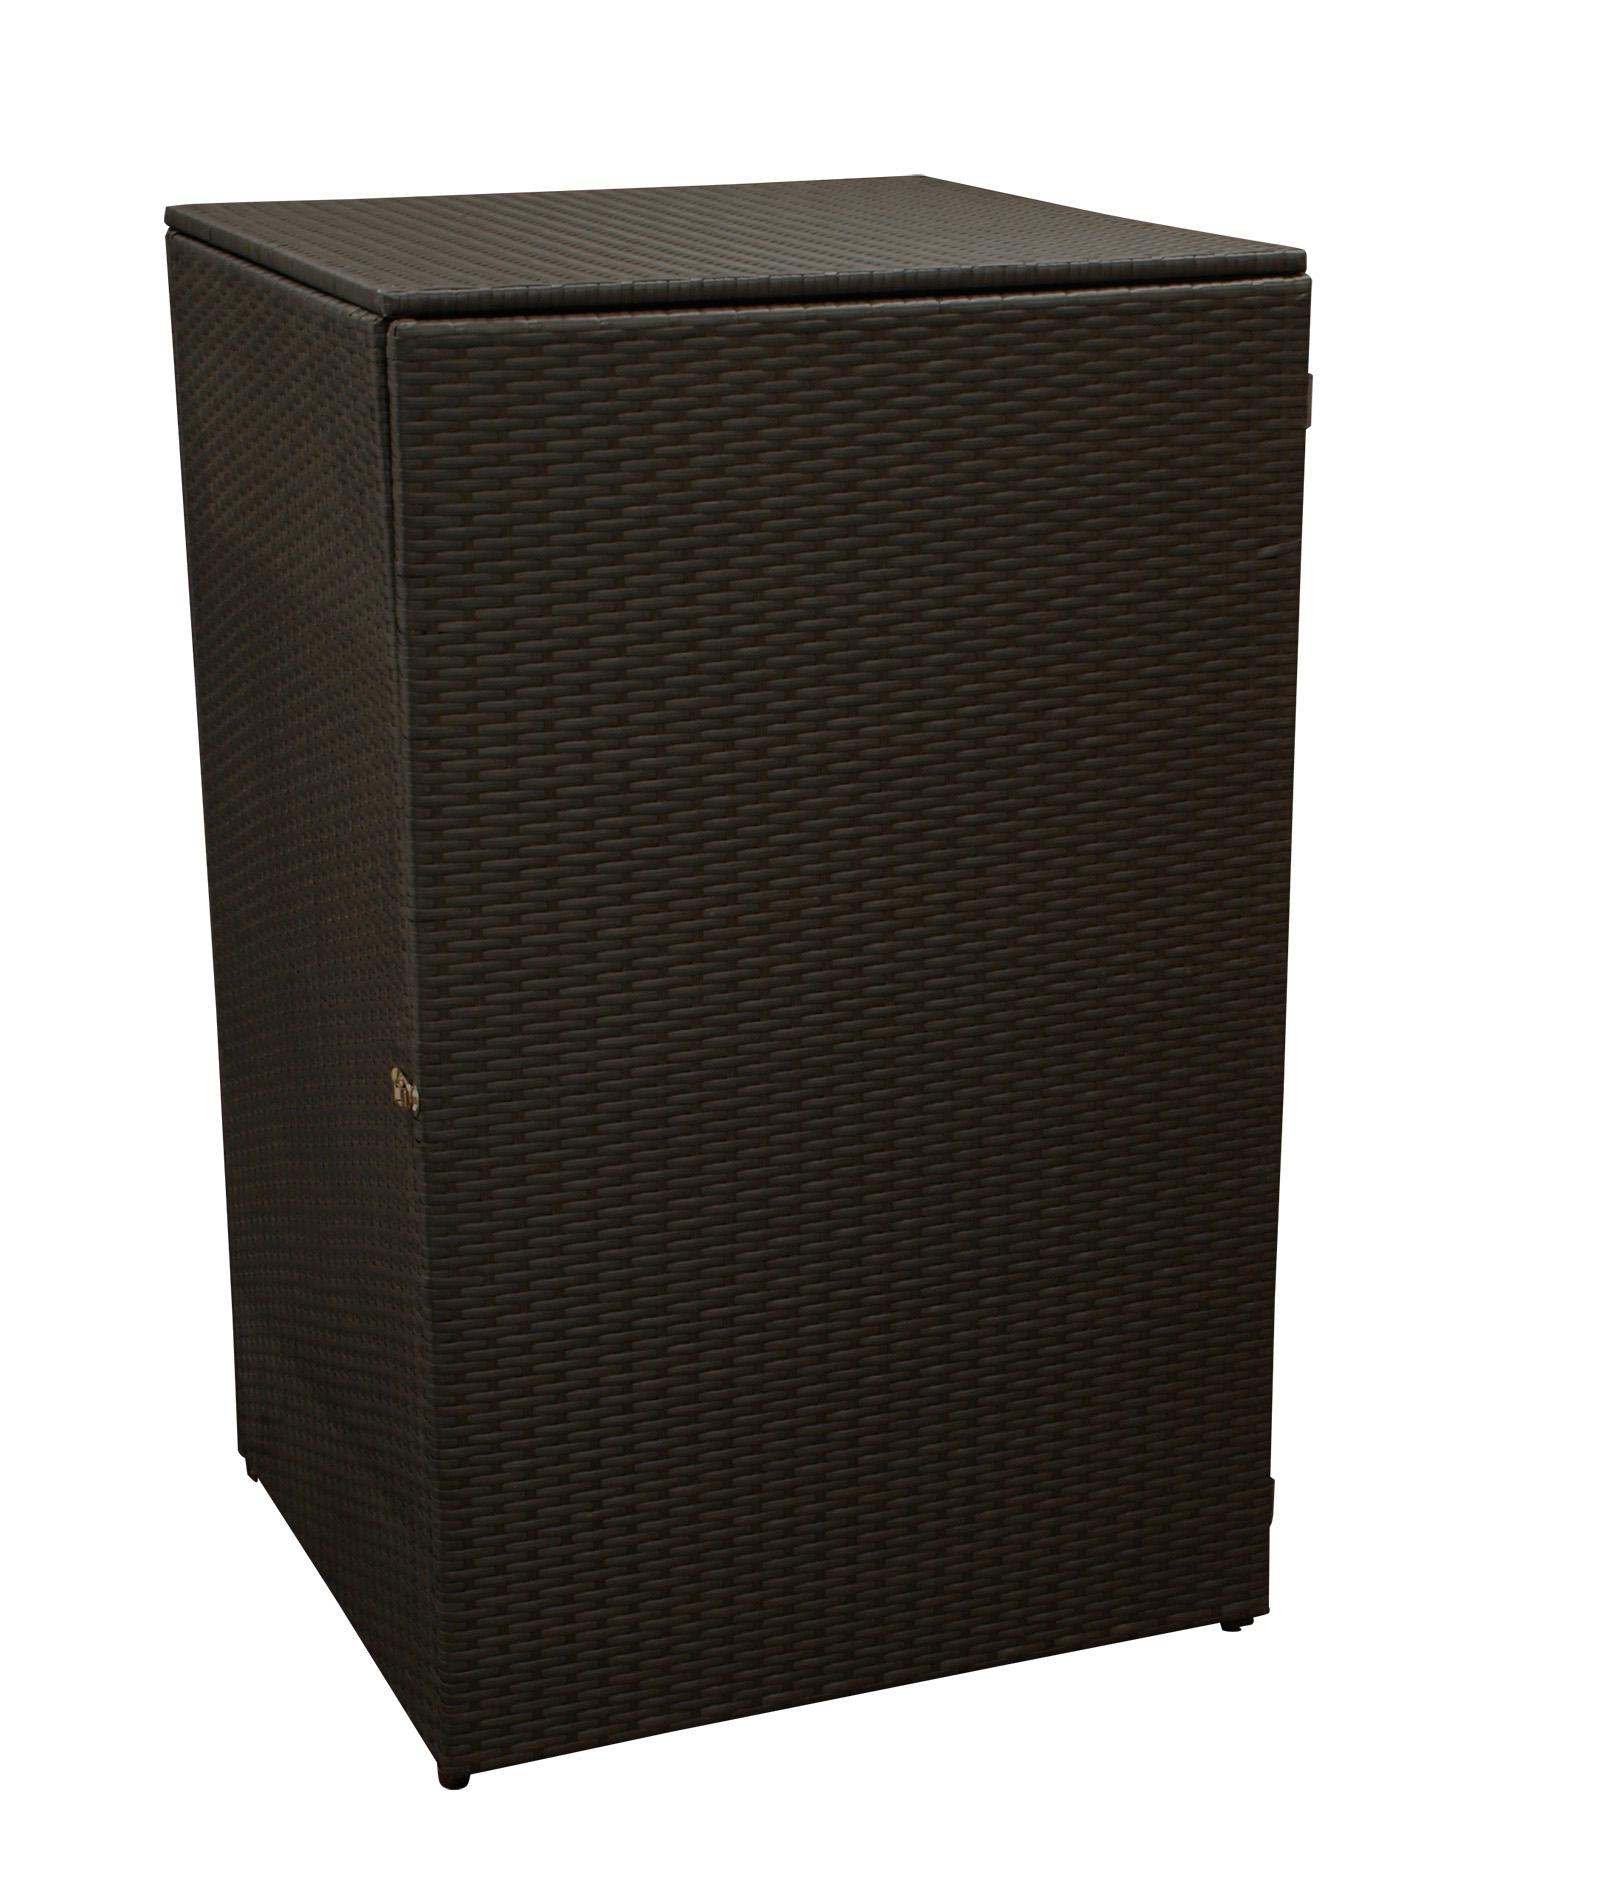 Mülltonnenbox 76x78x123cm für Tonnen bis 240 Liter, Stahl + Polyrattan mocca